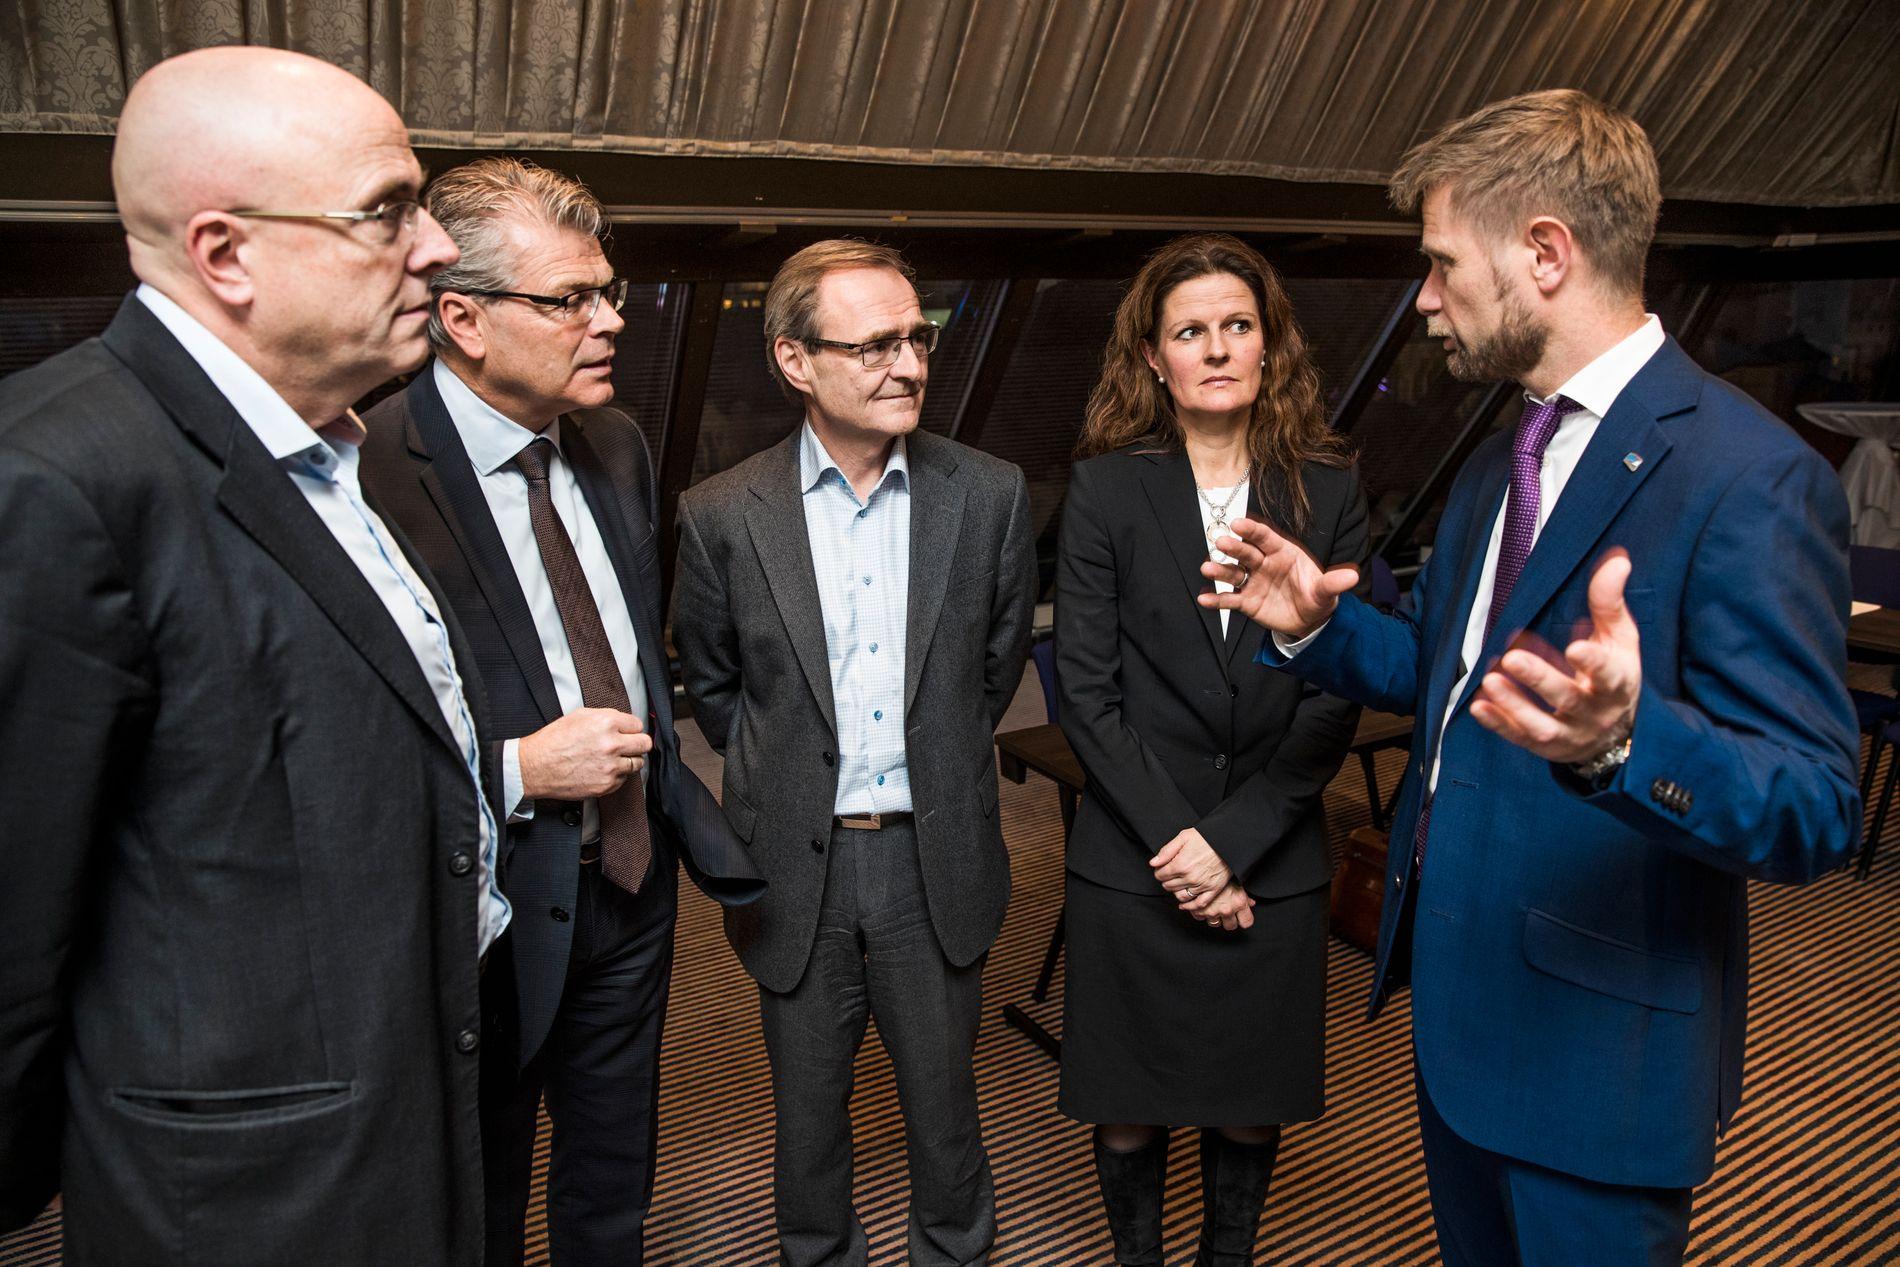 MØTE: Helseminister Bent Høie (t.h) var i dag i møte med ledere og styreledere i helseregionene. Her med lederen for helseregionene: Fra venstre Stig Slørdahl (Helse Midt), Herlof Nilssen (Helse-Vest), Lars Vorland (Helse-Nord) og Cathrine Lofthus (Helse-Sørøst:)